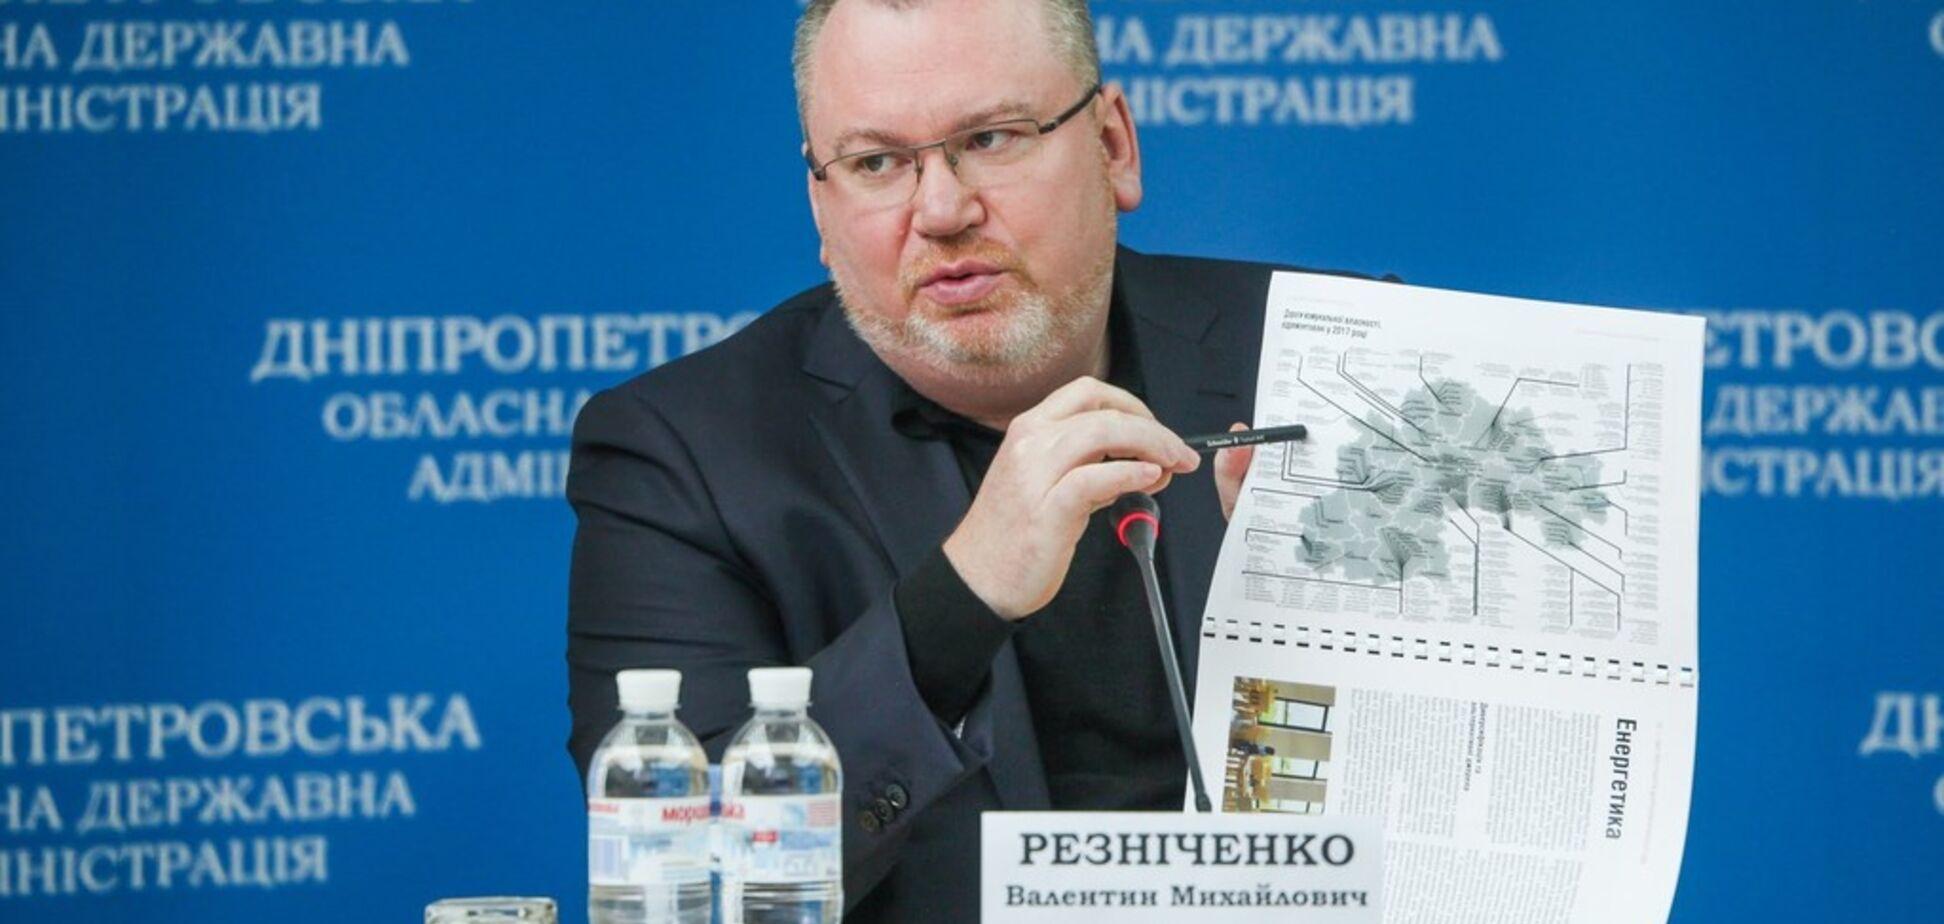 Резниченко: на дорогах Днепропетровщины строят весовые площадки